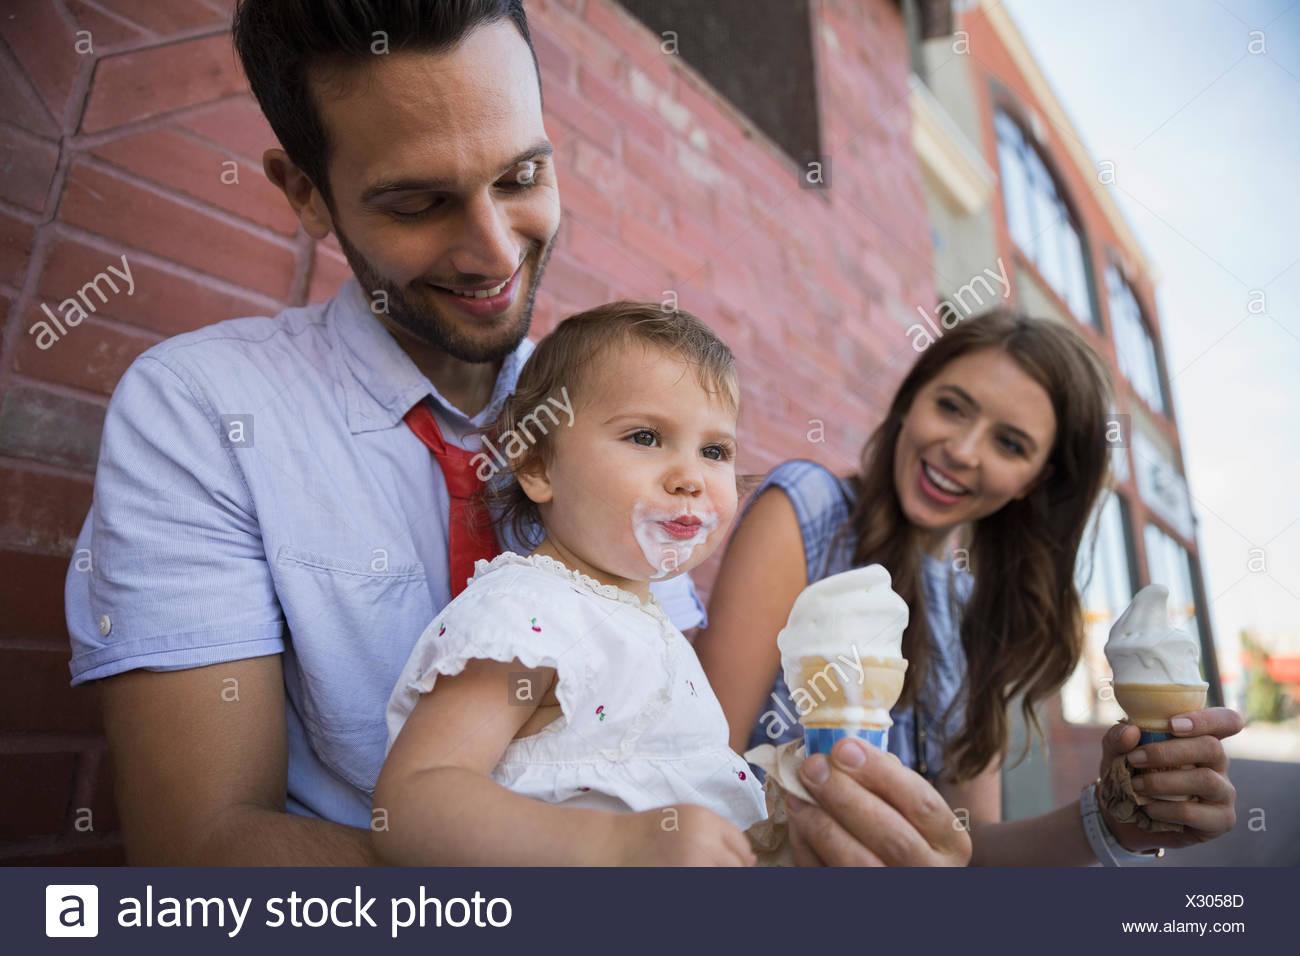 Padre figlia di contenimento con ghiaccio disordinato crema viso Immagini Stock